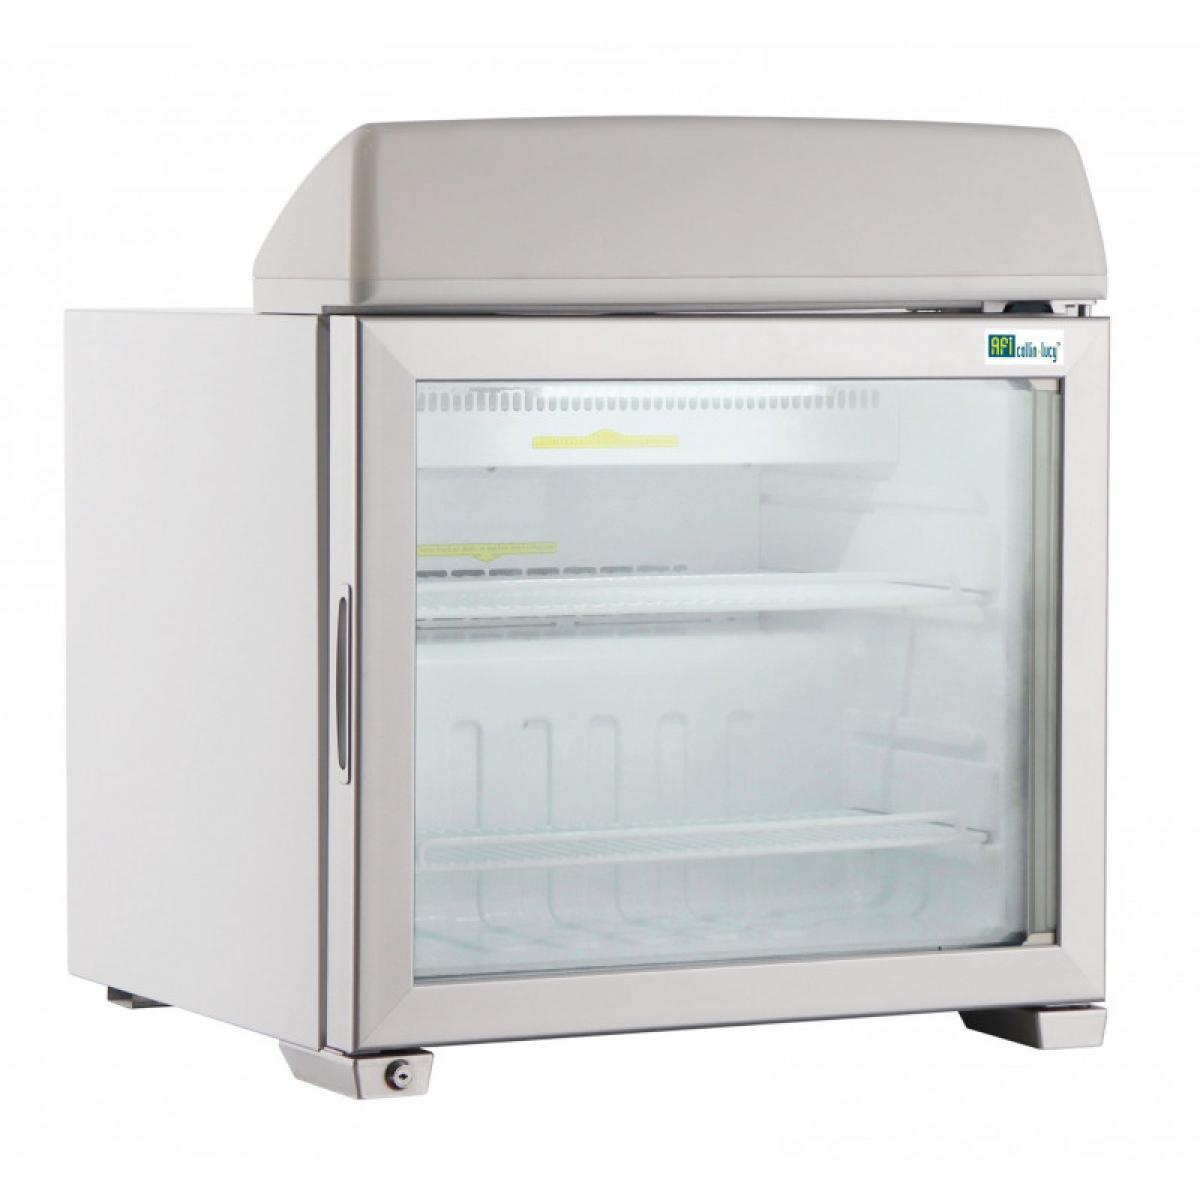 Materiel Chr Pro Mini Armoire Réfrigérée Négative avec Affichage Lumineux - 49 à 99 L - AFI Collin Lucy - R290 1 Porte 99 li